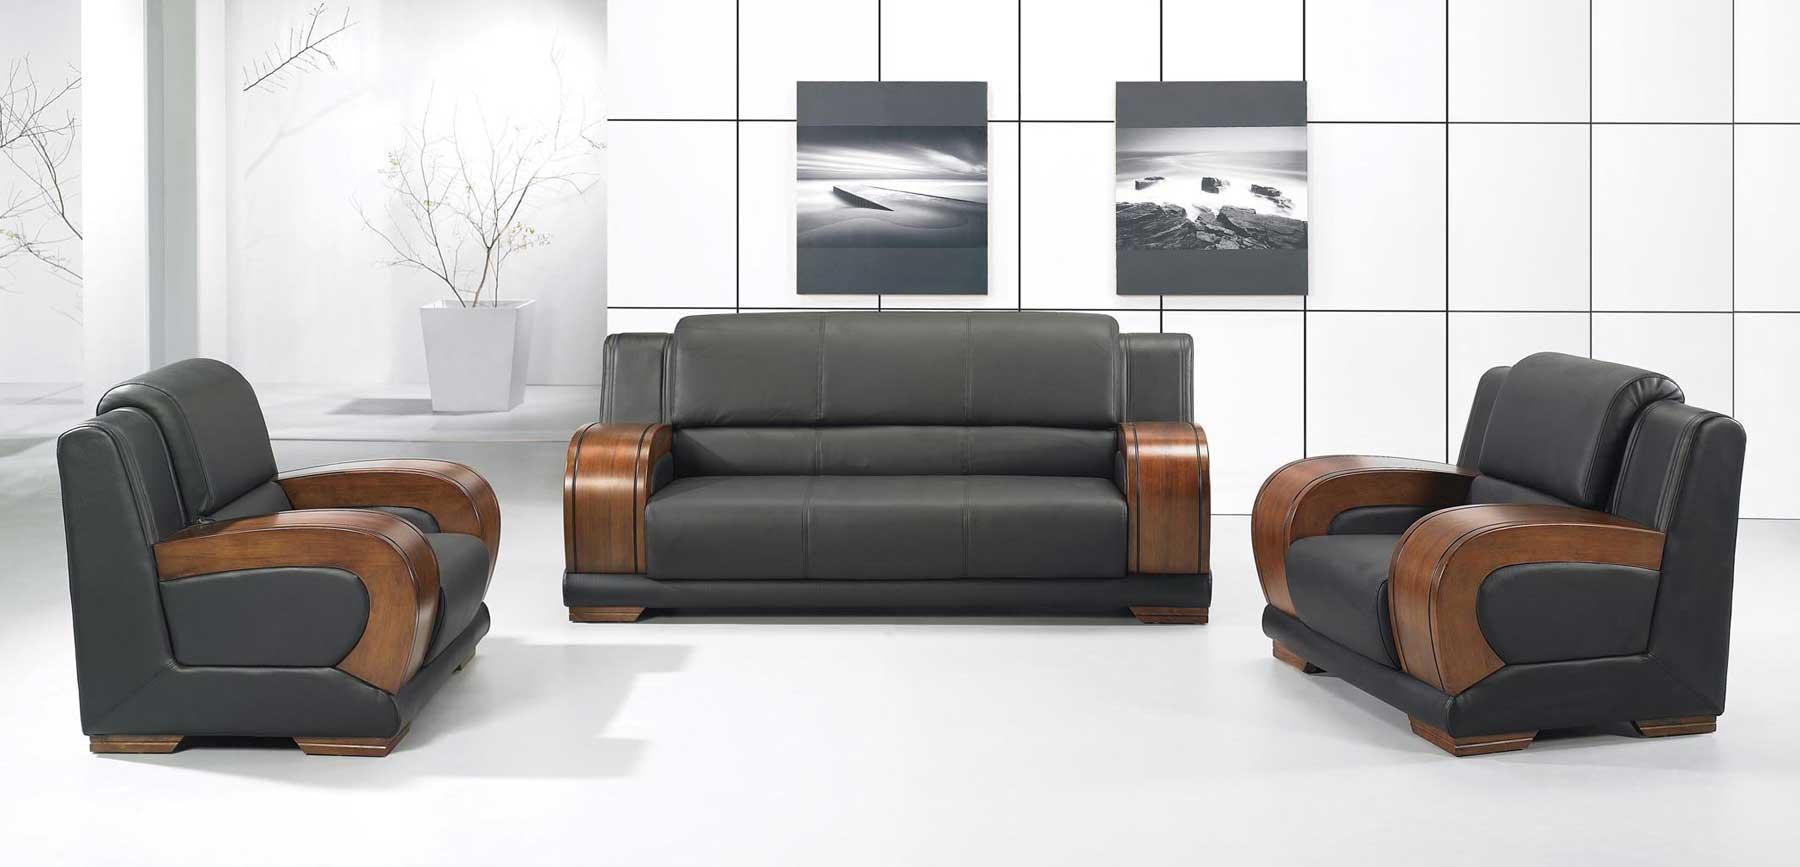 Sofa Malaysia được tạo ra từ những chất liệu tốt nhất